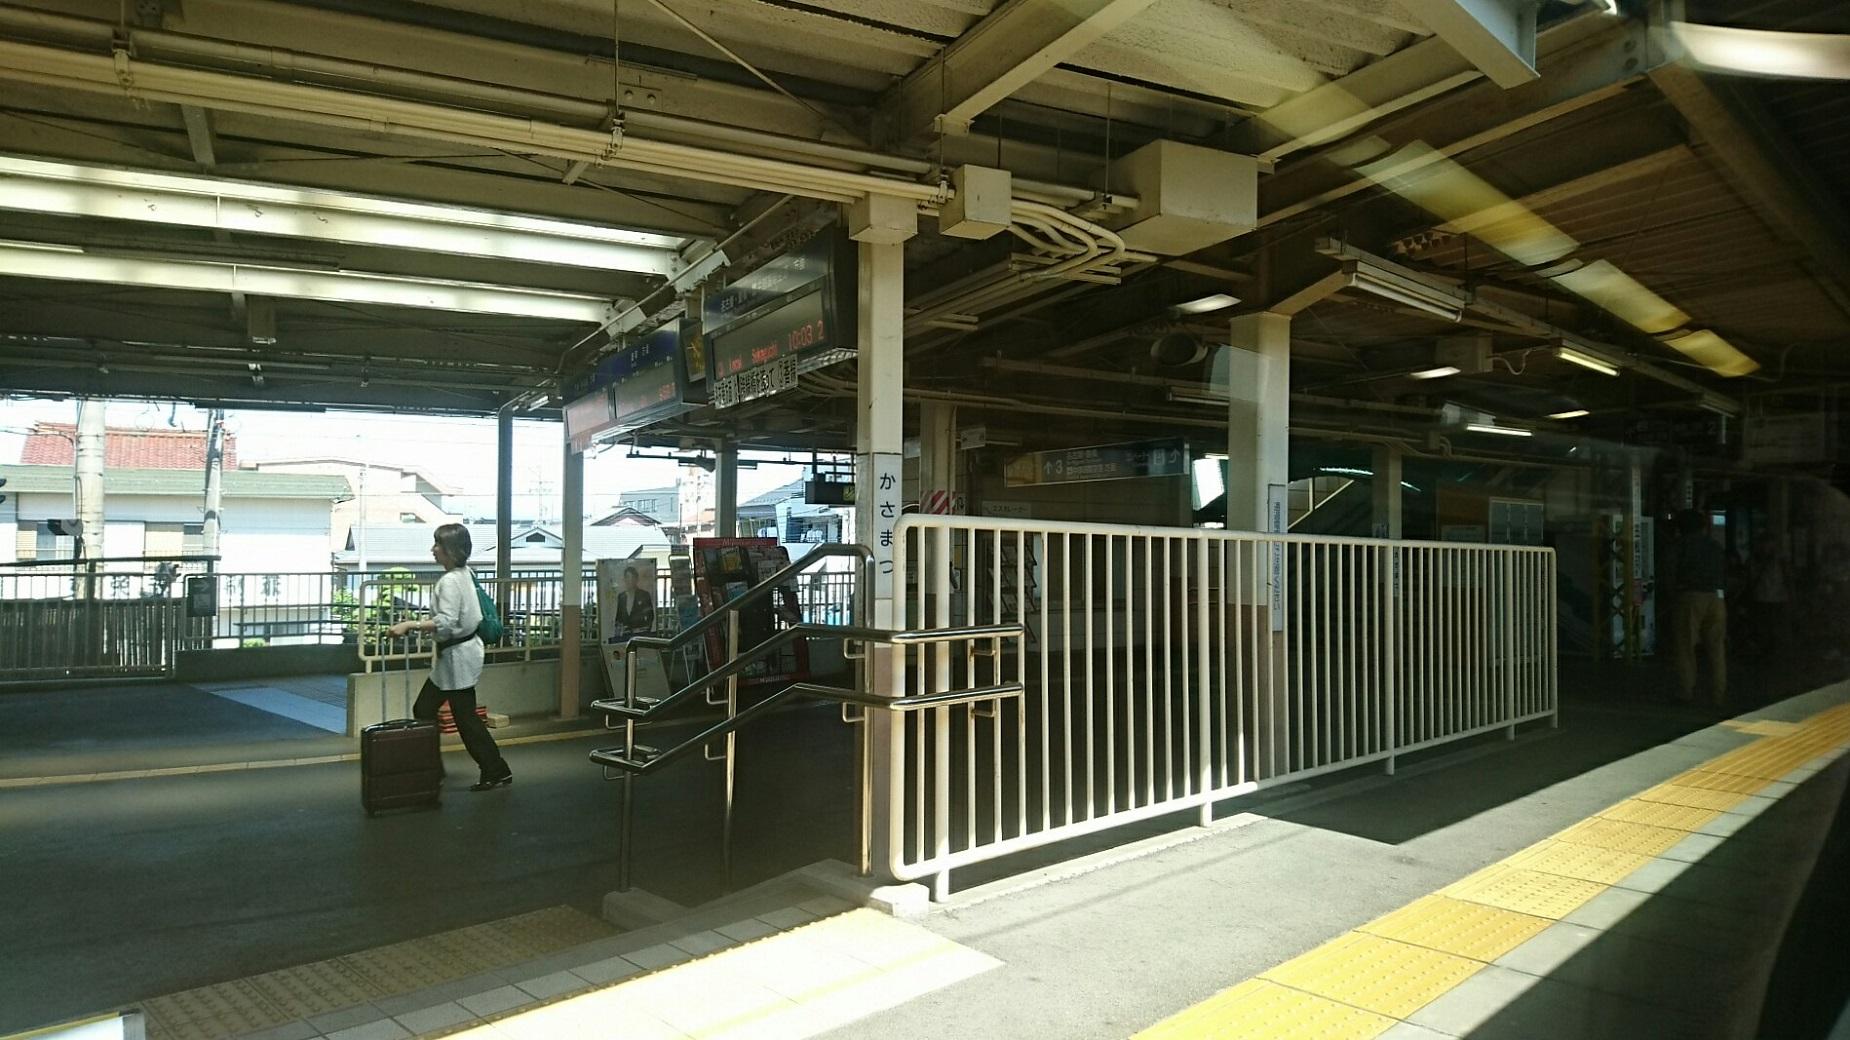 2018.6.1 岐阜 (12) 岐阜いき特急 - 笠松 1850-1040